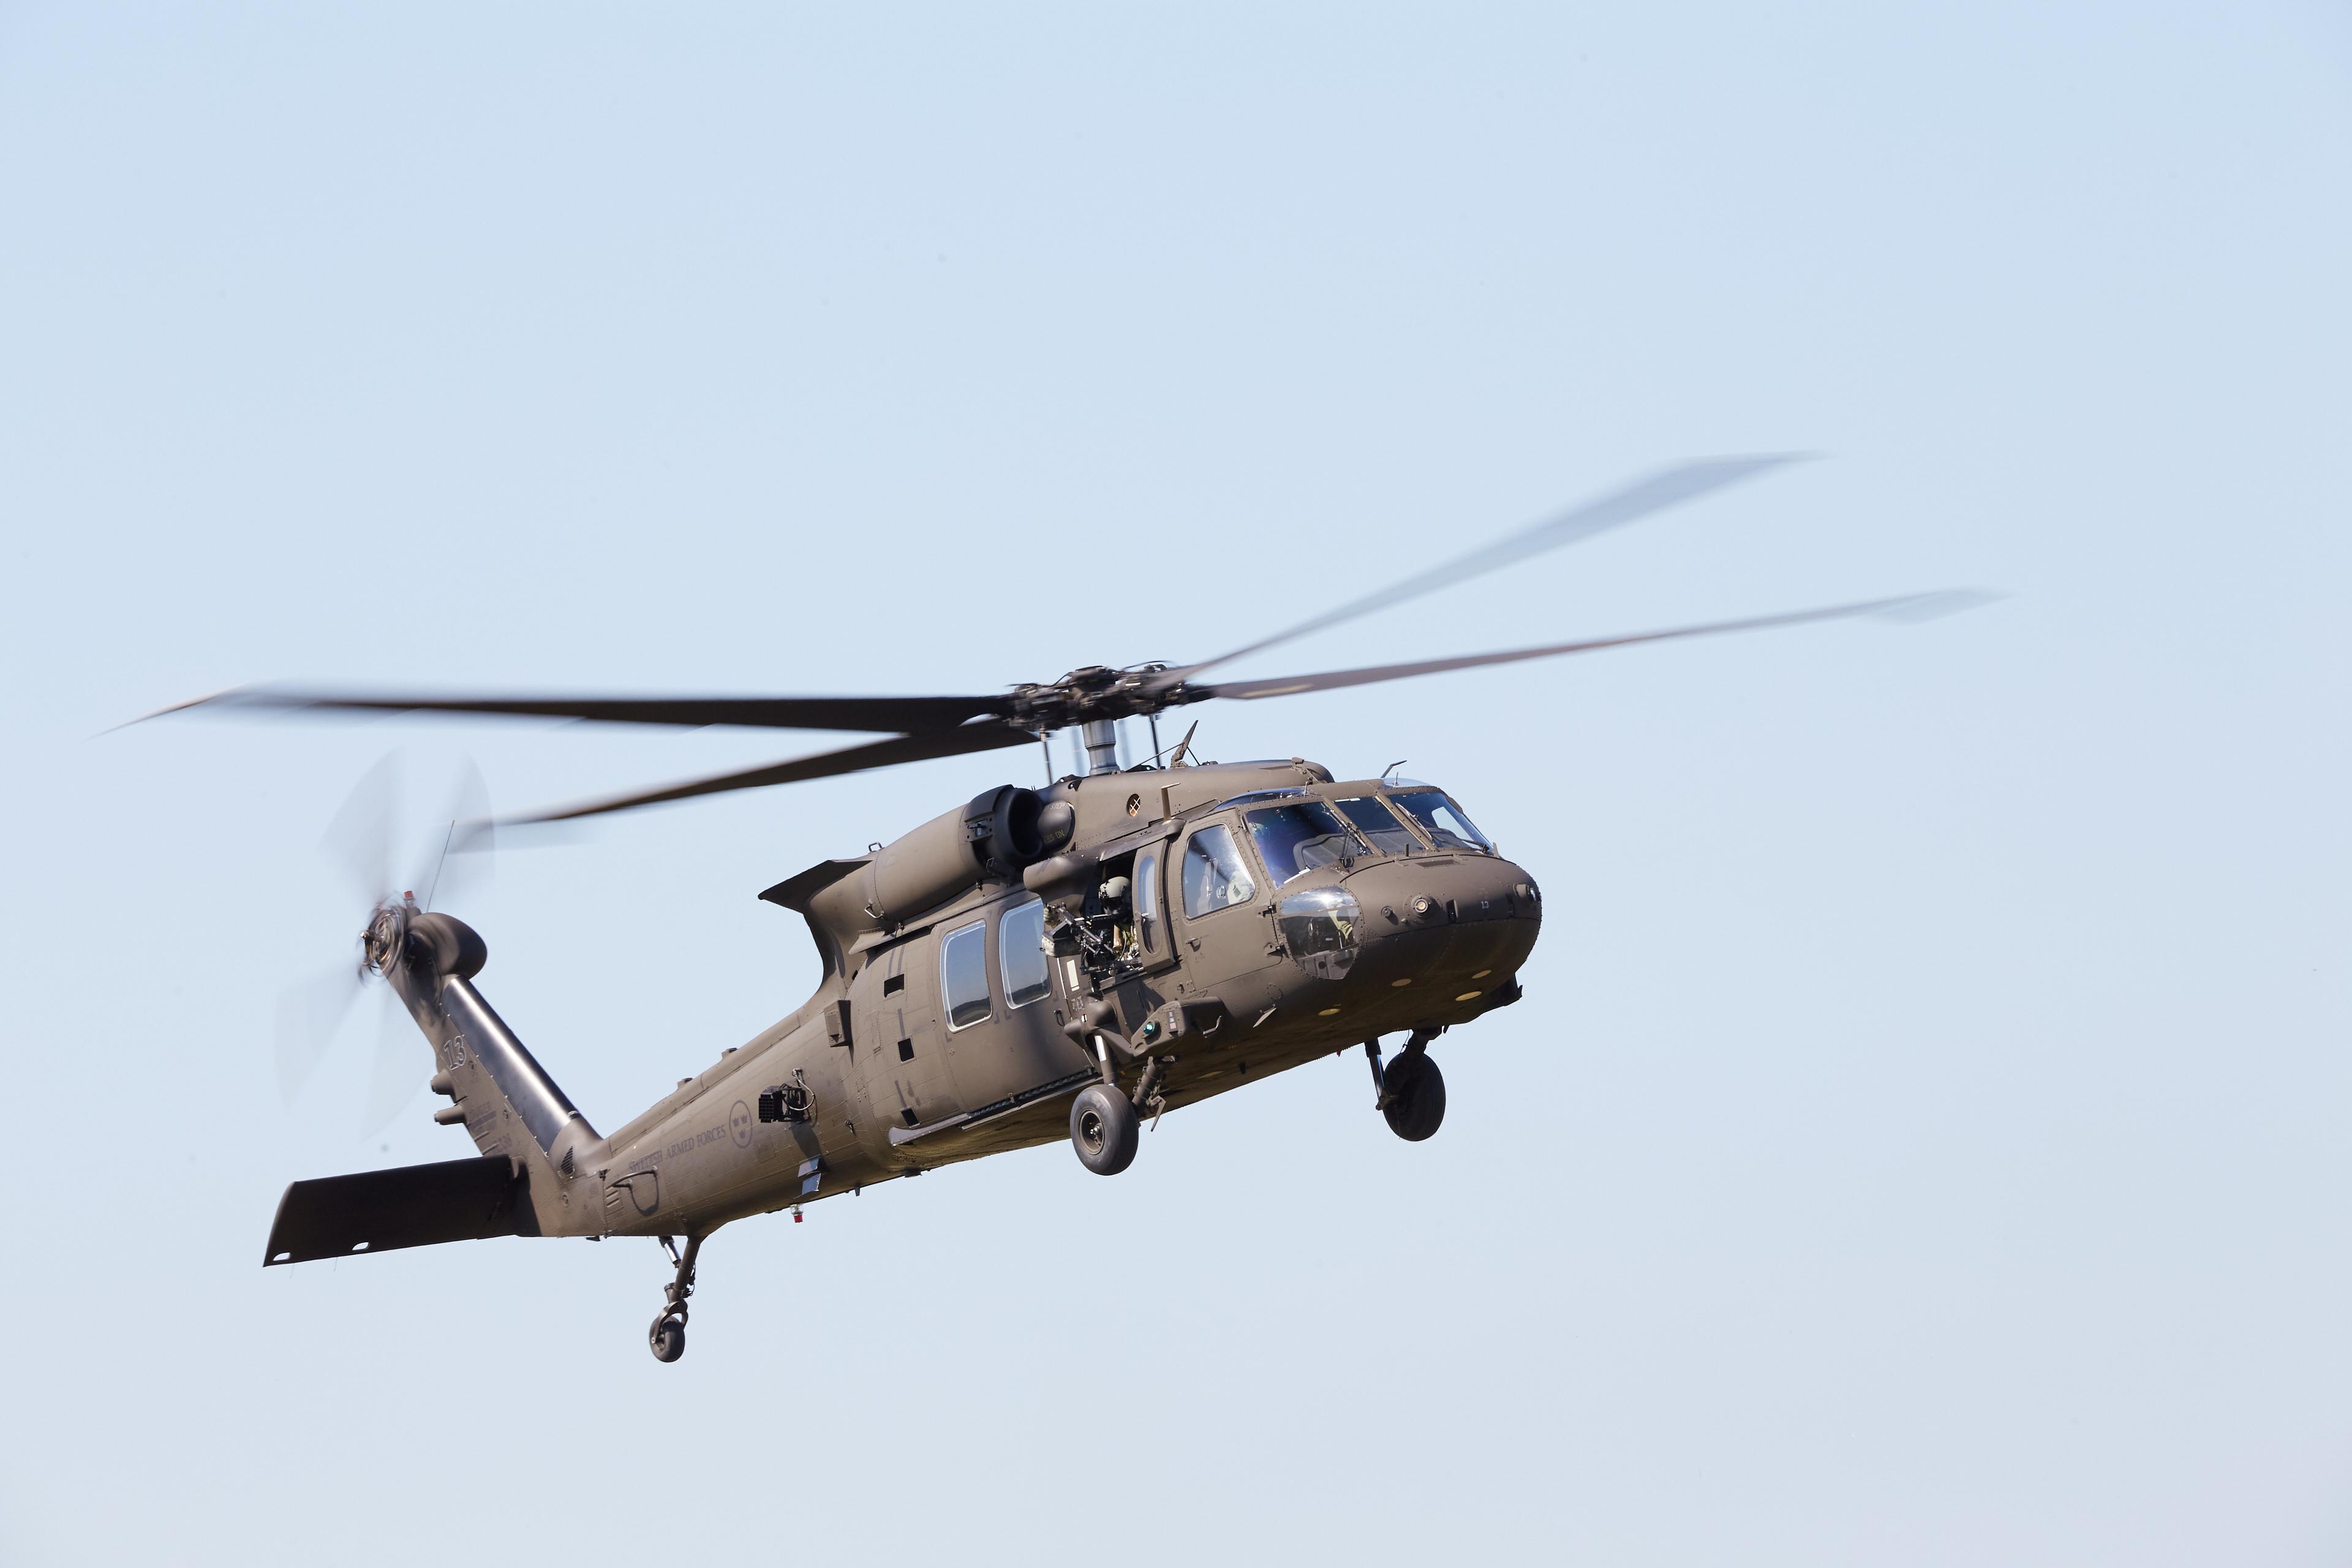 Försvarsmaktens flygdag 2019